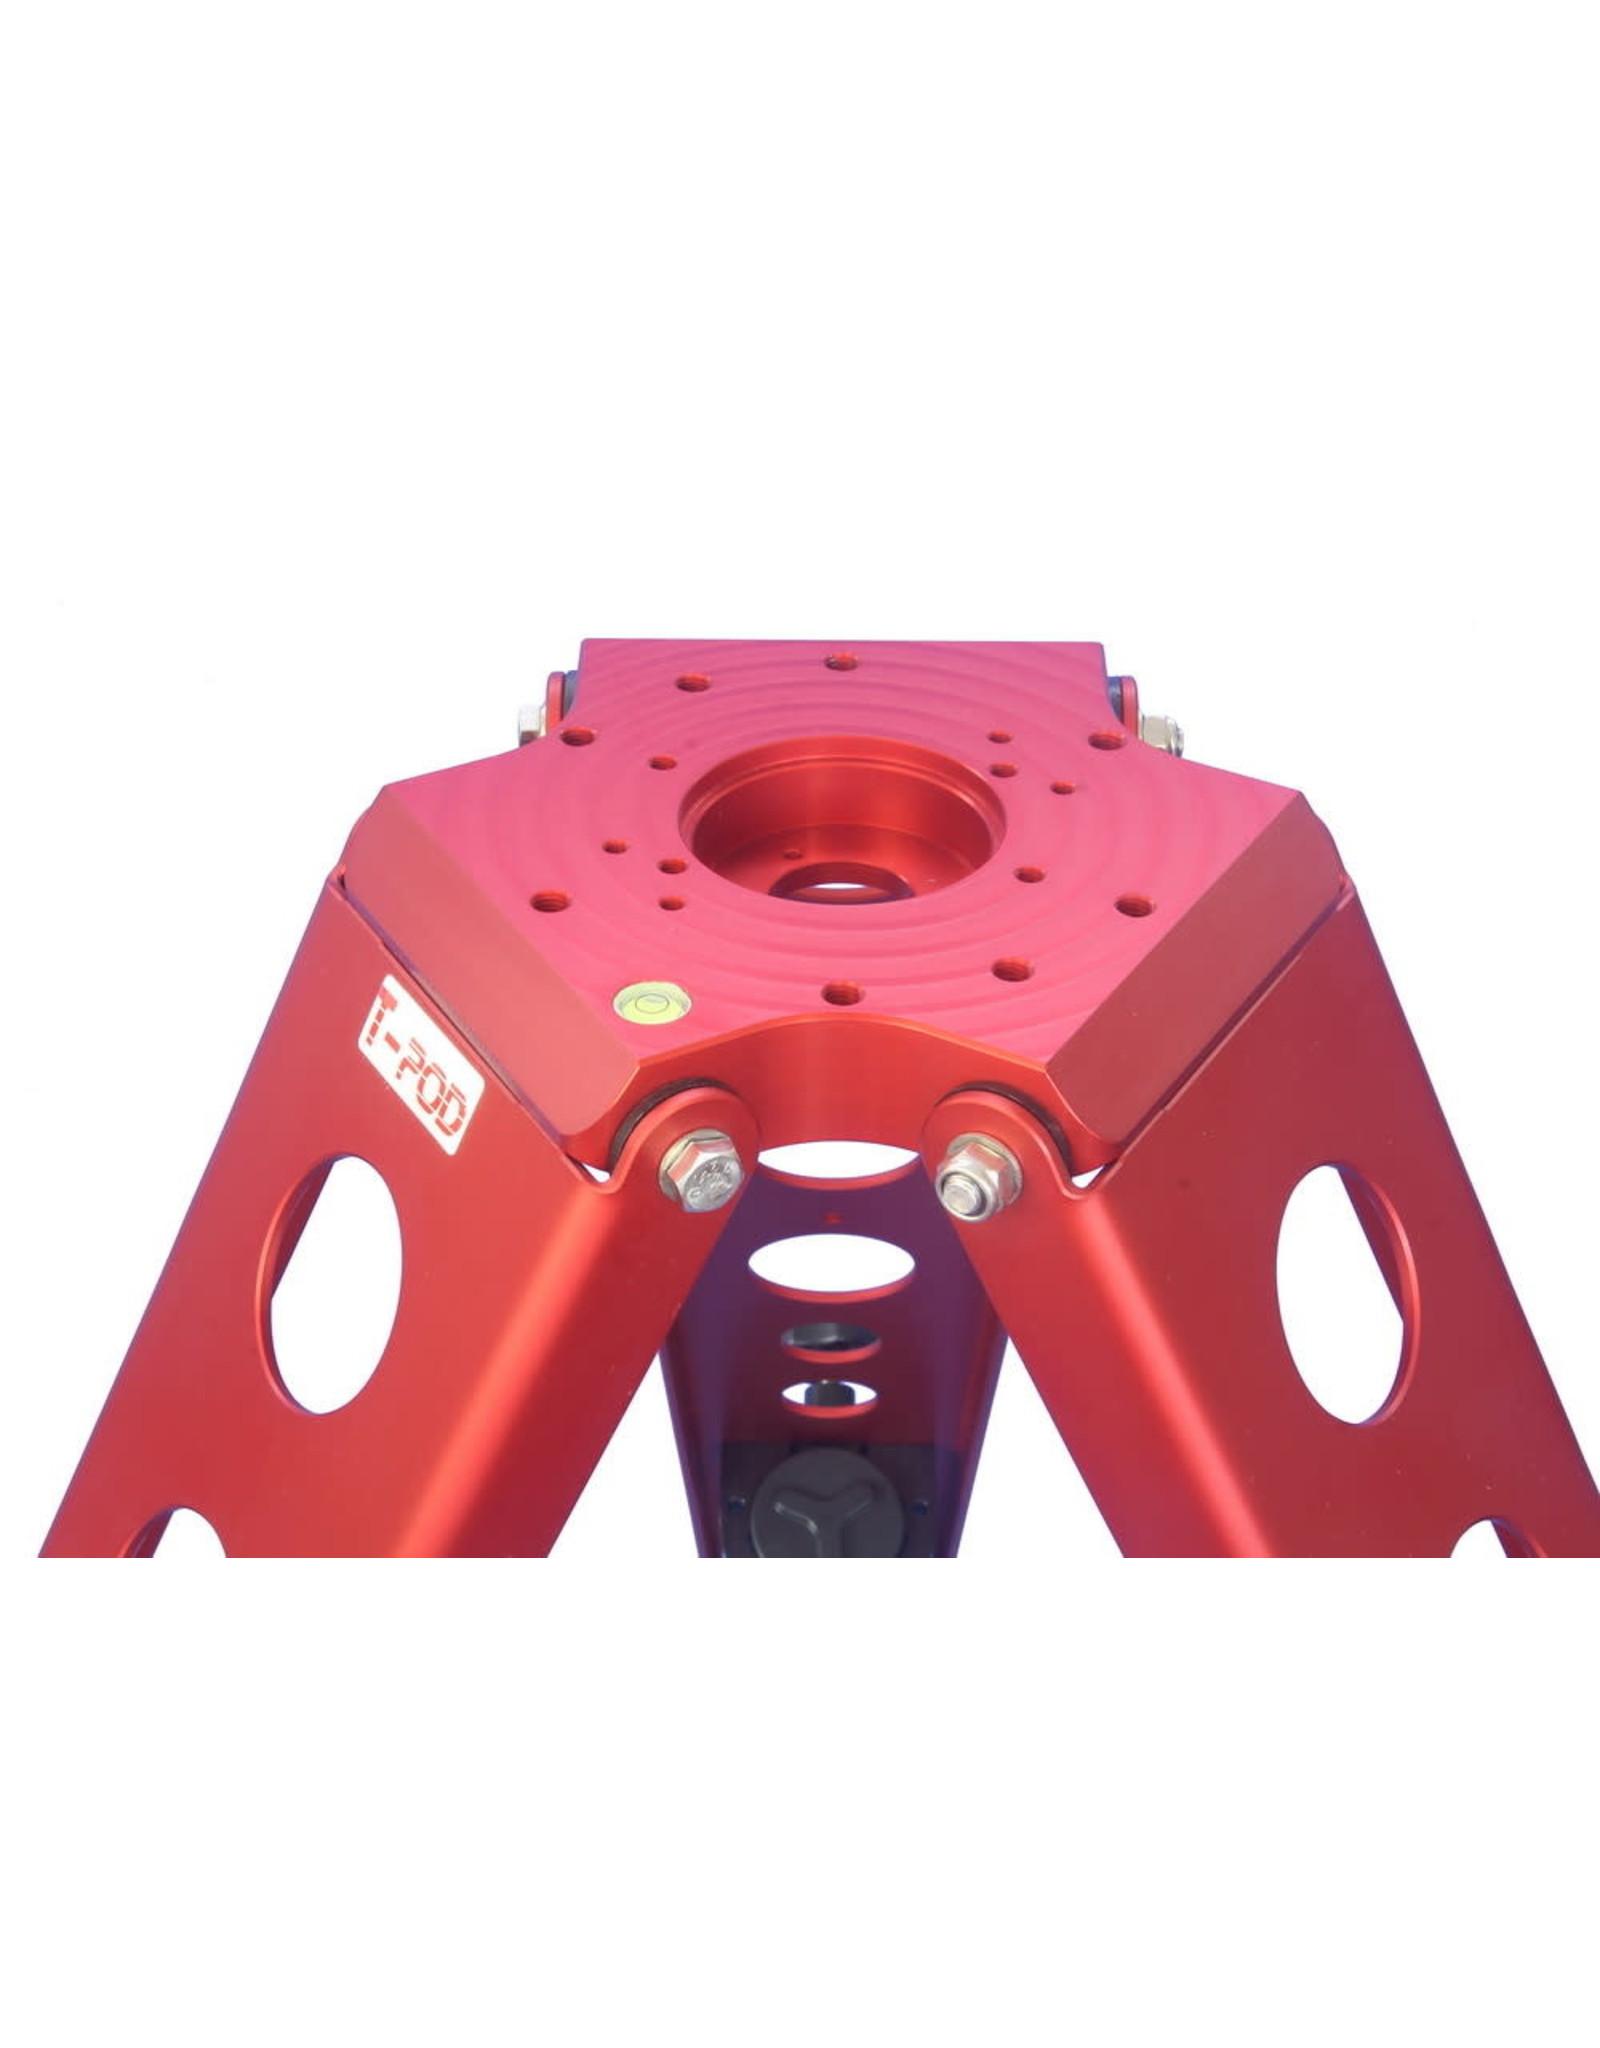 Avalon Avalon T-POD 130 (Red)